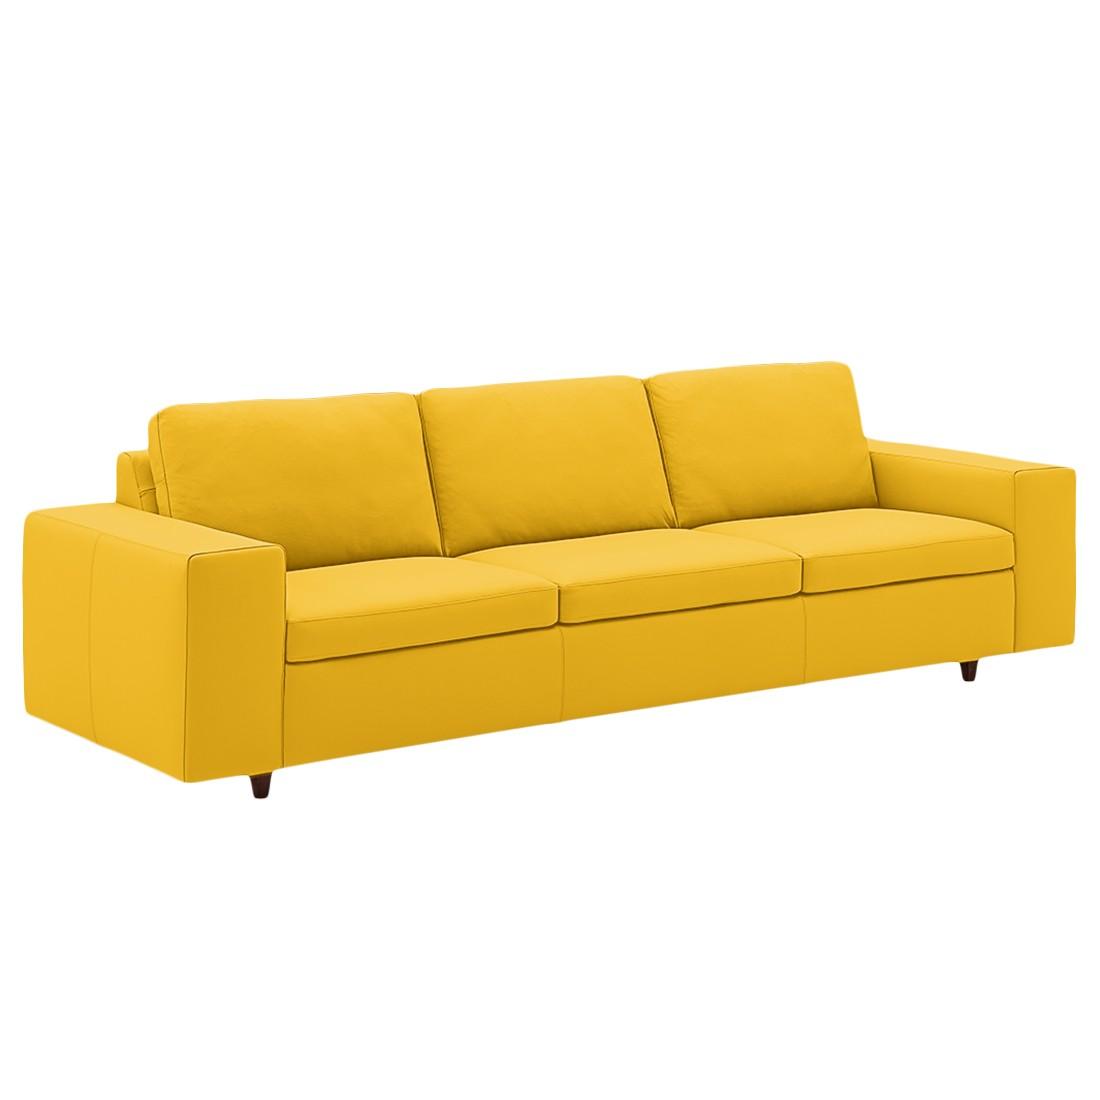 Sofa Wega (4-Sitzer) - Echtleder - Maisgelb, Machalke Polsterwerkstätten